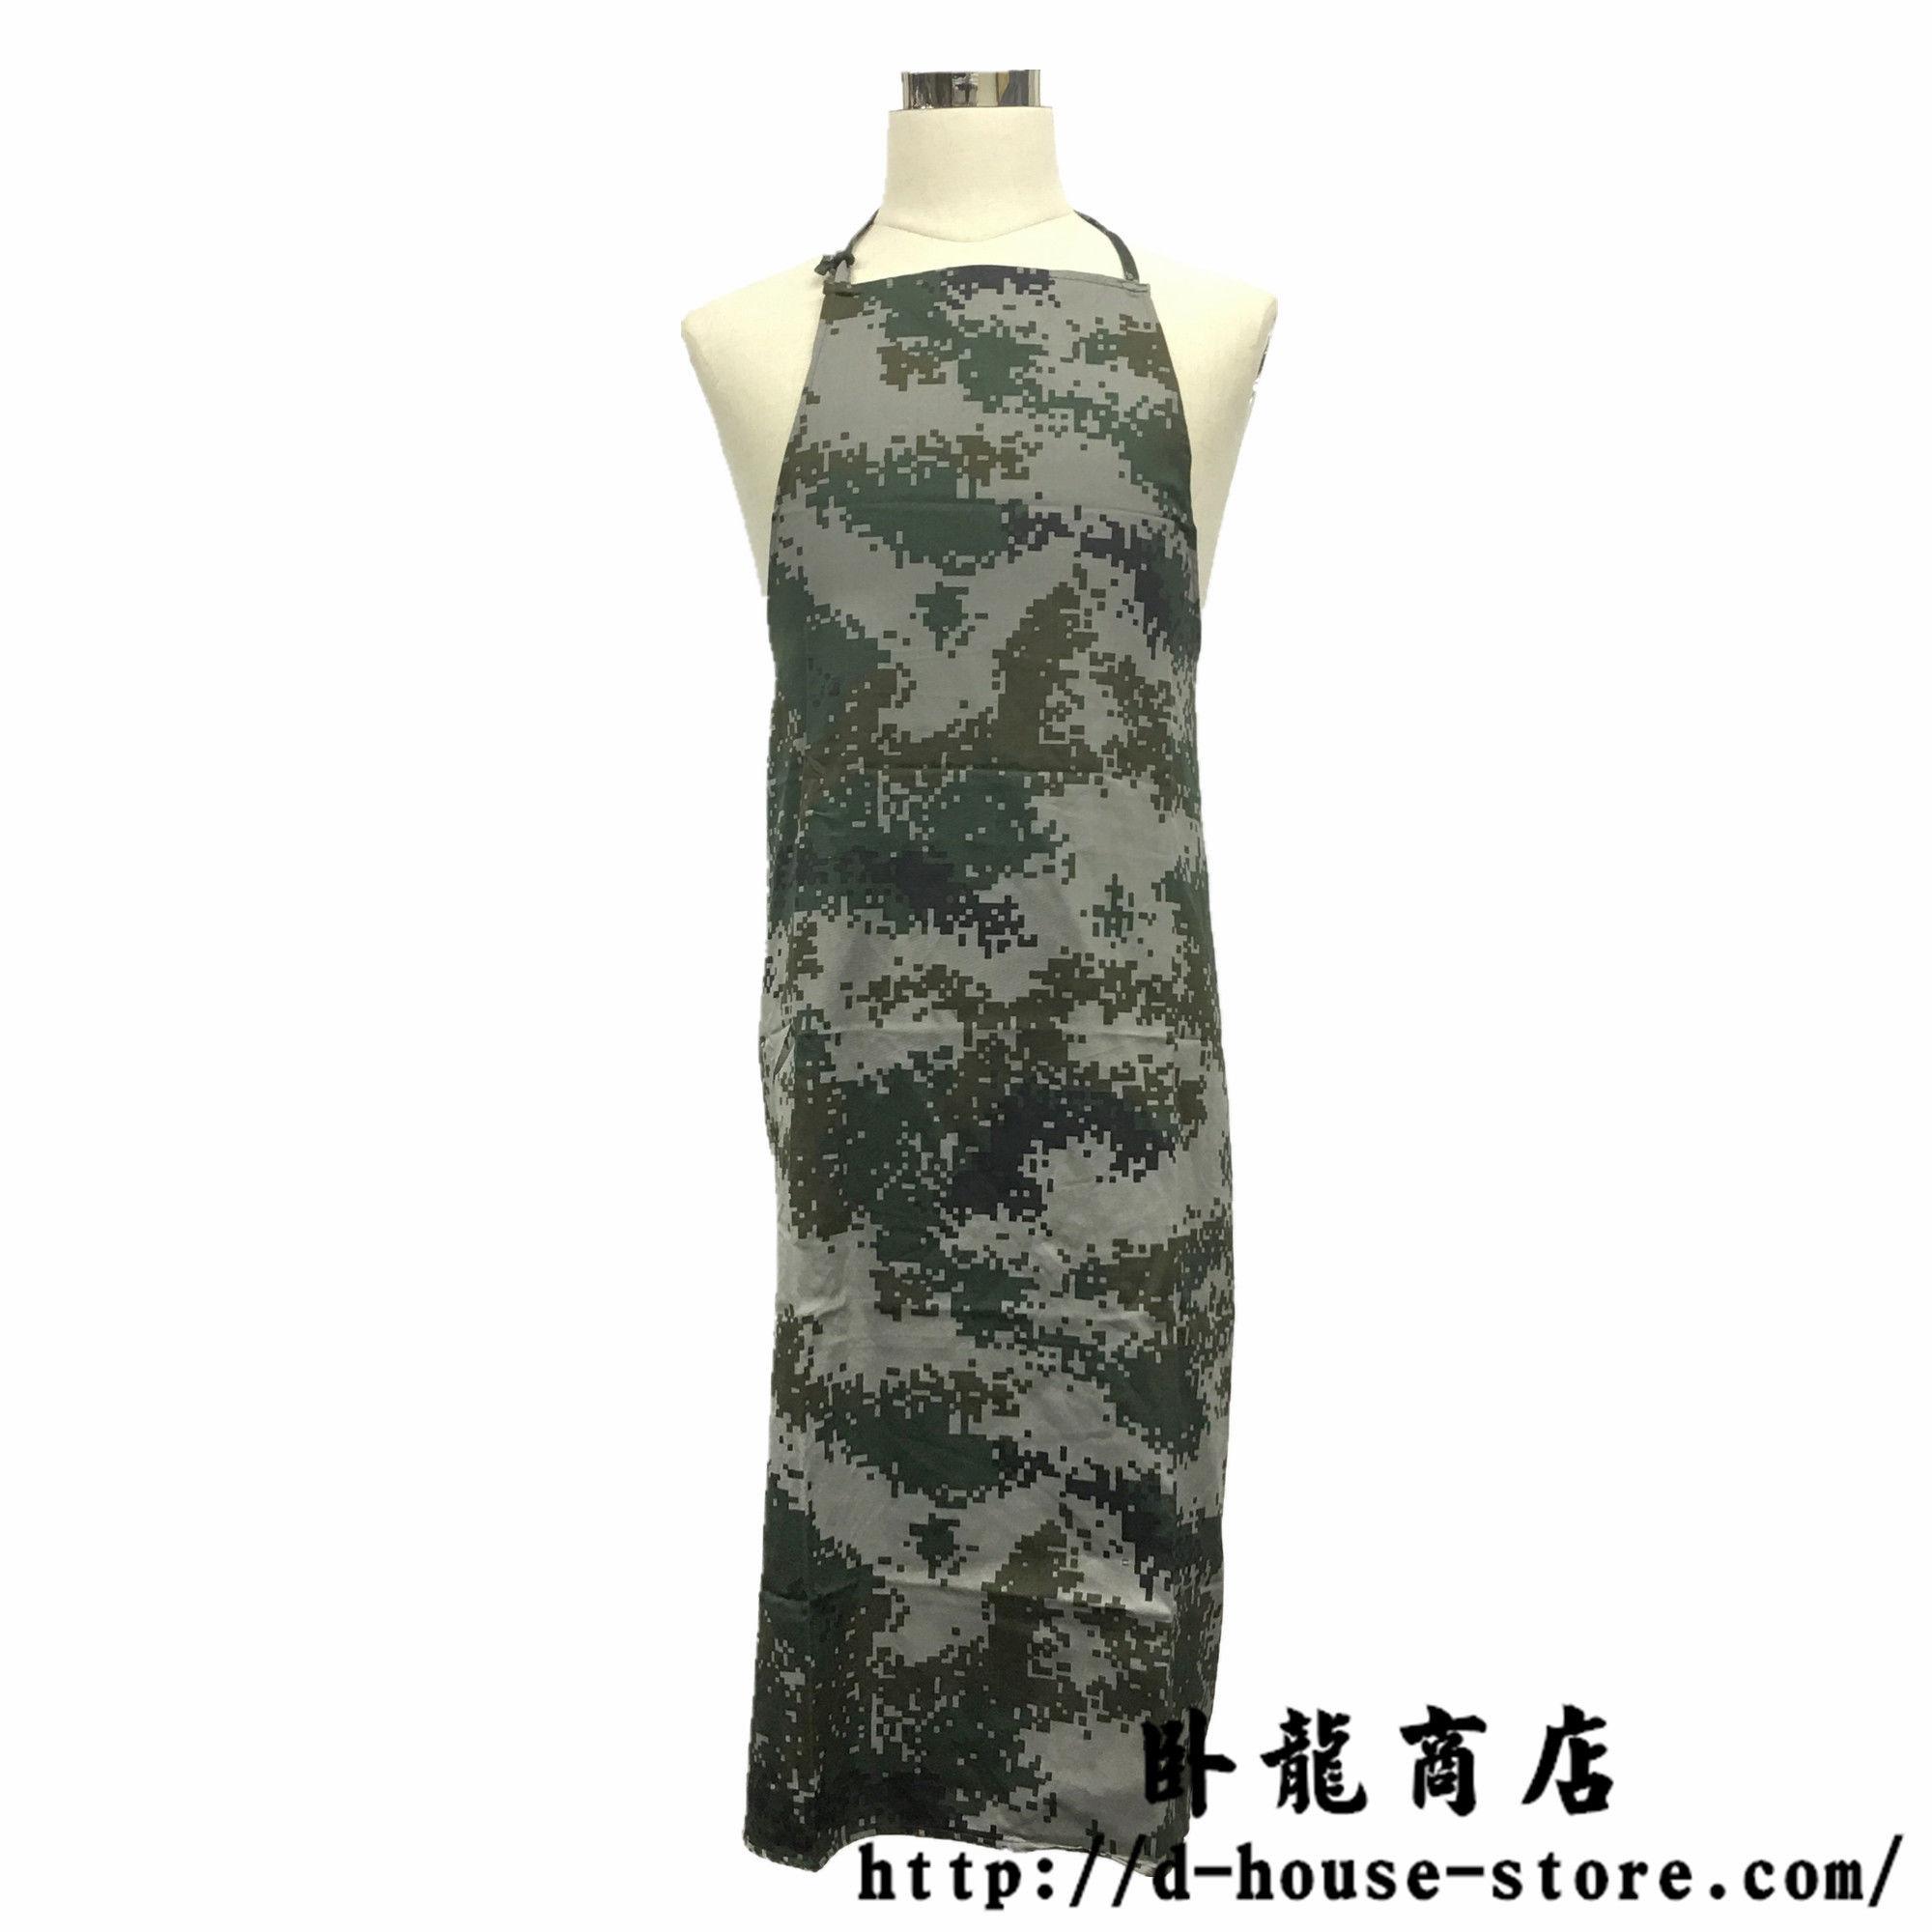 中国人民解放軍10式 陸軍炊事班エプロン 迷彩服用生地